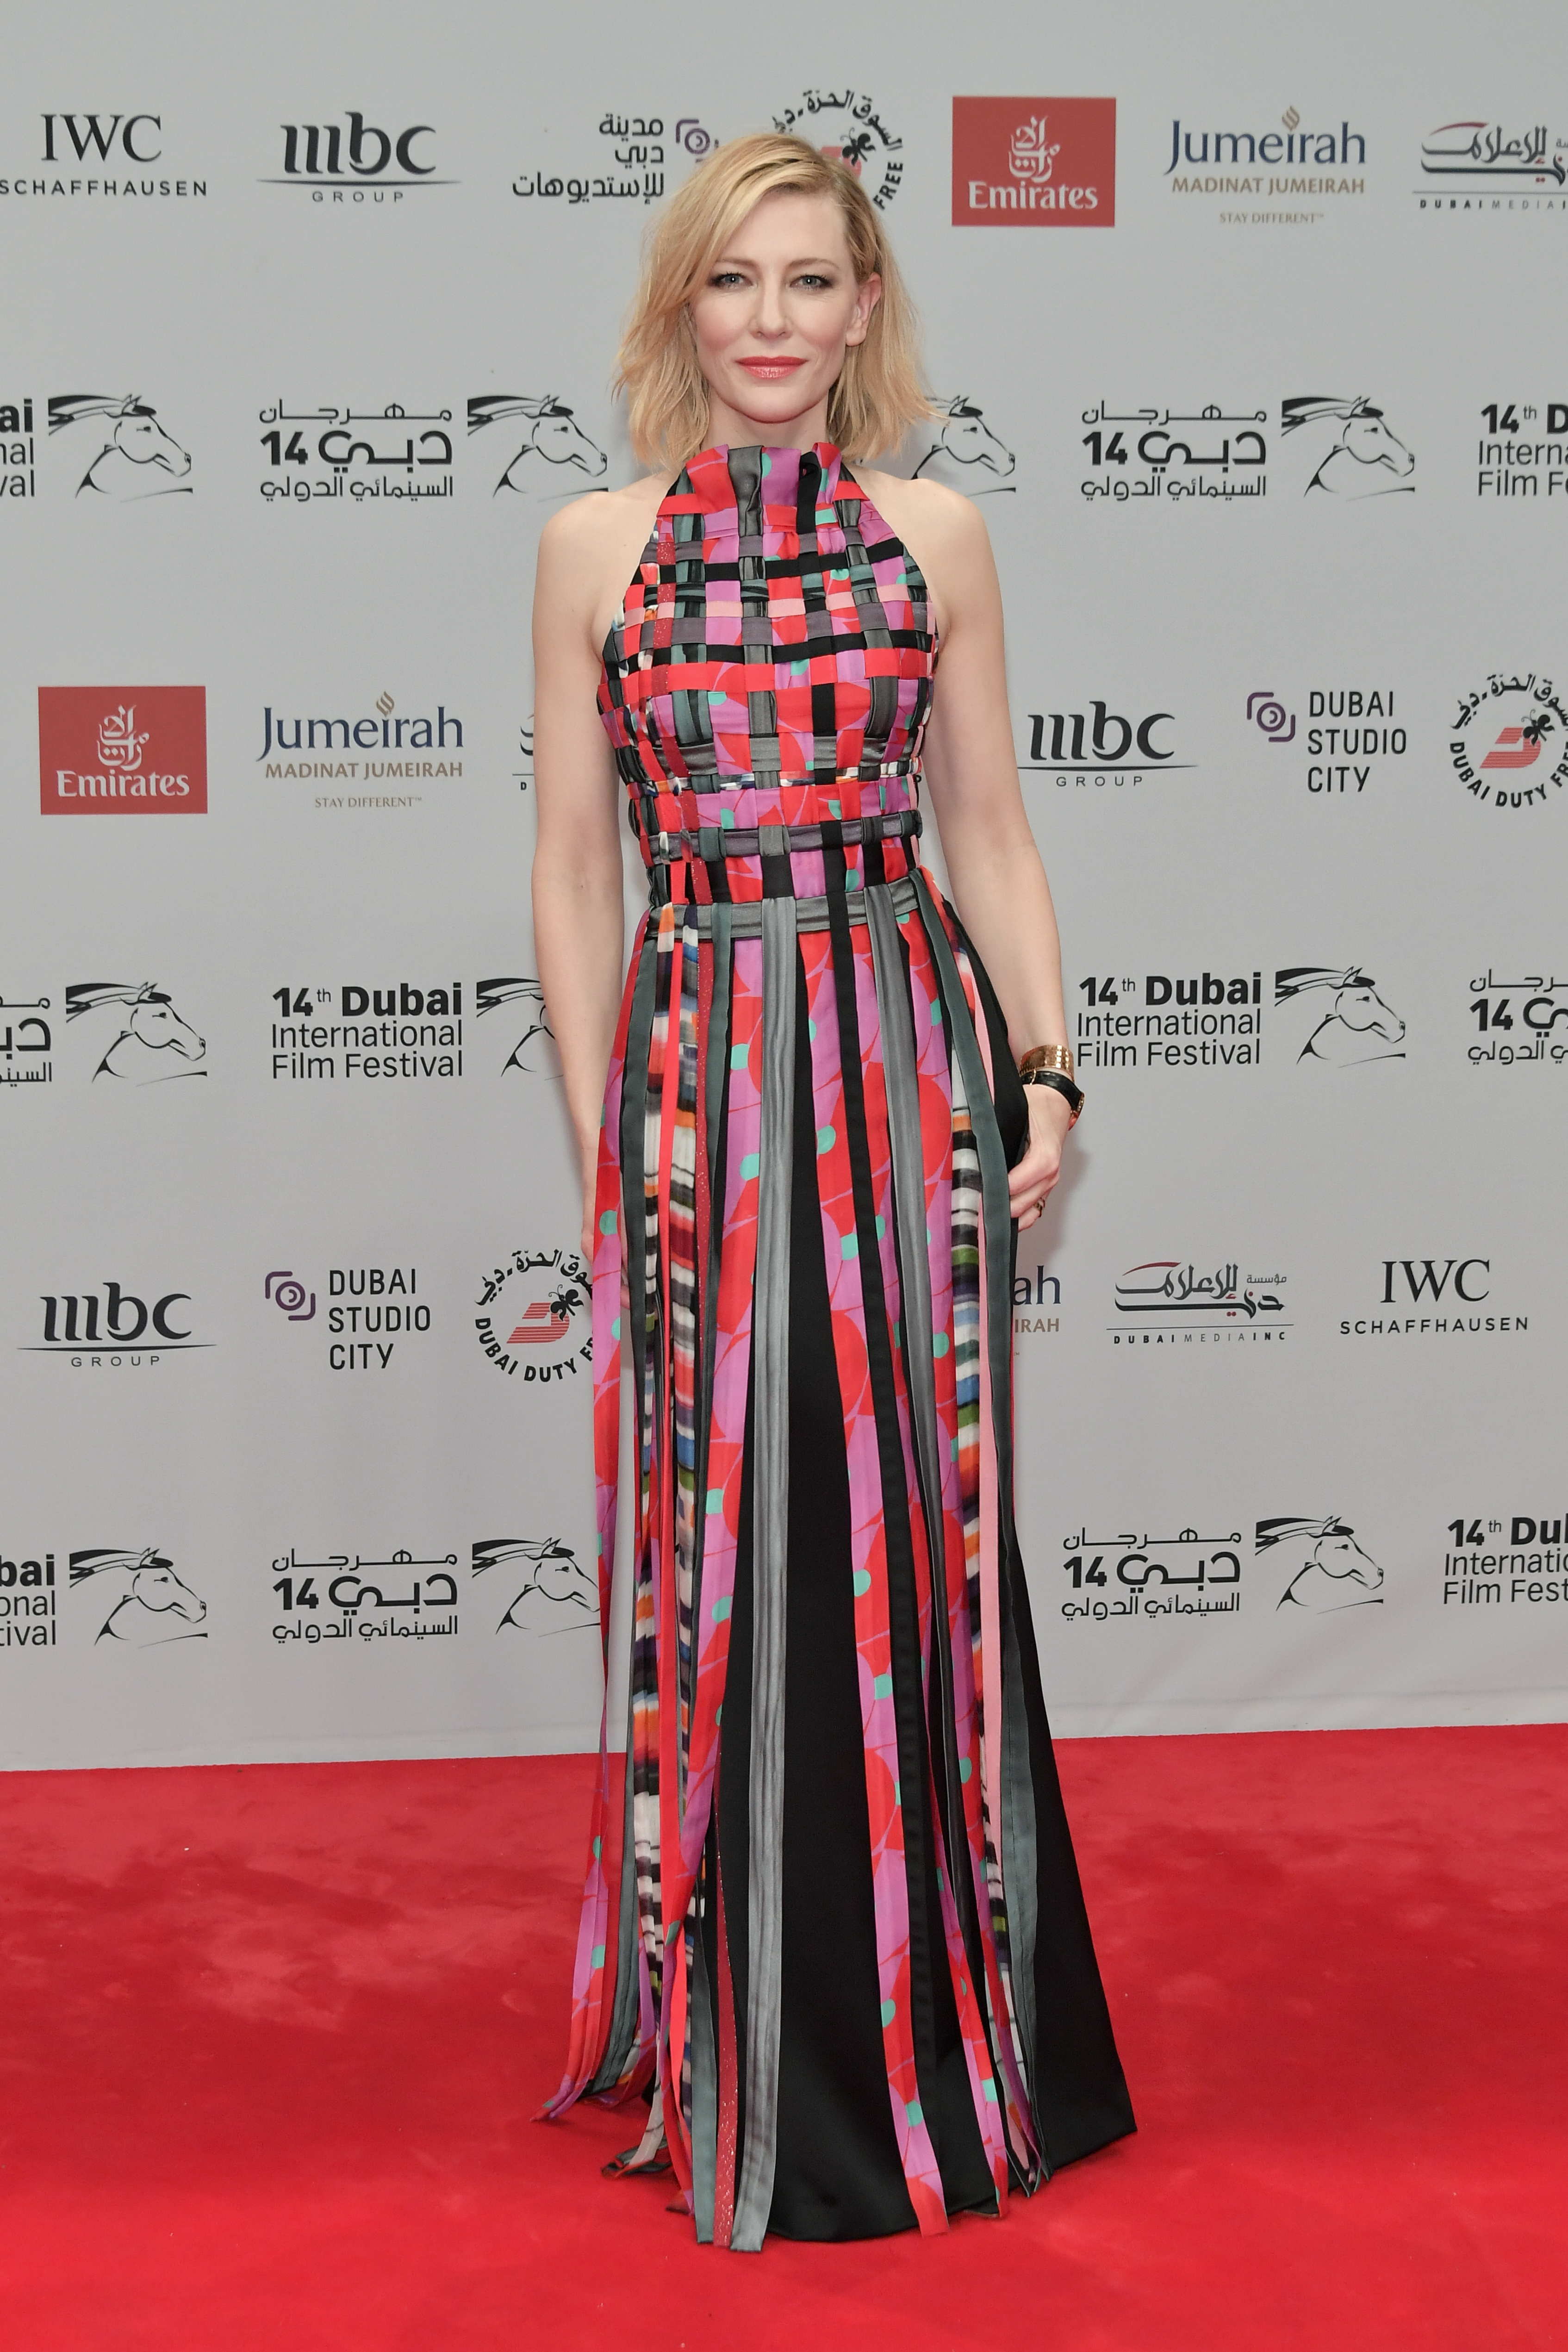 В шок сме от ужасните като принт материи, изплетени под формата на прекрасна рокля, която изглежда великолепно. Ако погледнем отделно всичките платове, веднага ще припаднем. Но те заедно изглеждат maravilloso и образуват един от най-добрите аутфити на Кейт Бланшет.